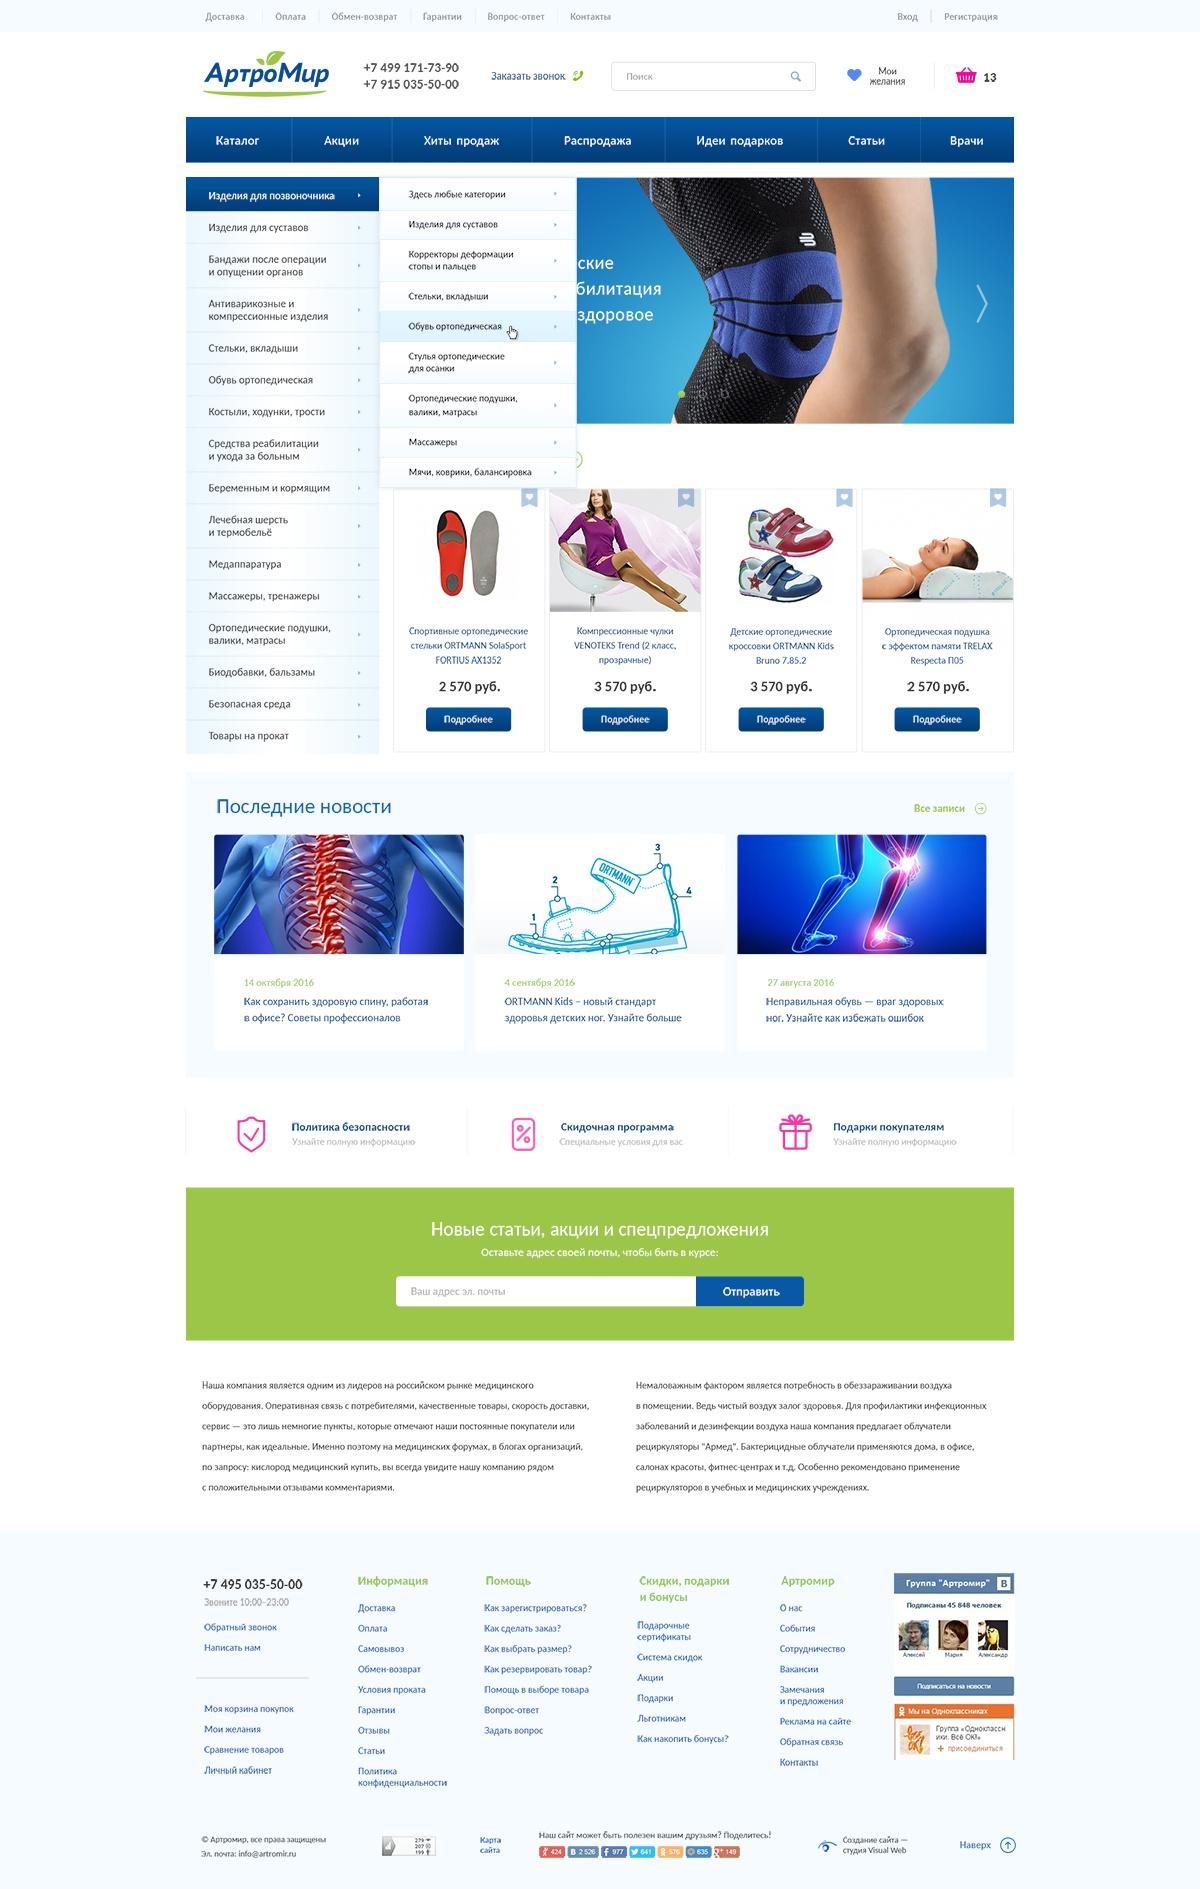 Главная страница интернет-магазина